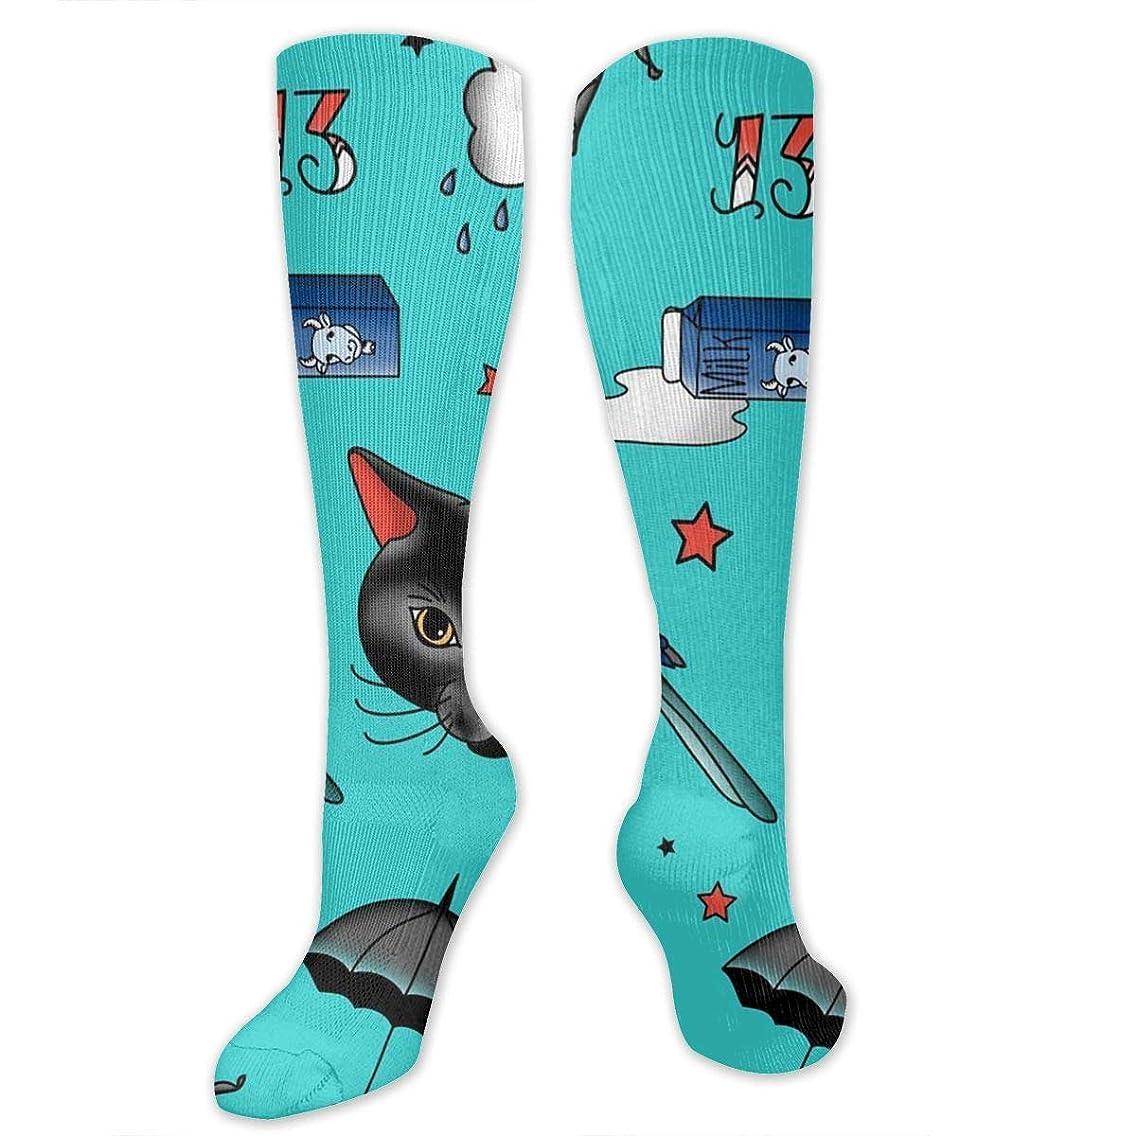 蘇生する誘う下に靴下,ストッキング,野生のジョーカー,実際,秋の本質,冬必須,サマーウェア&RBXAA Tattoo Hard Luck Socks Women's Winter Cotton Long Tube Socks Cotton Solid & Patterned Dress Socks